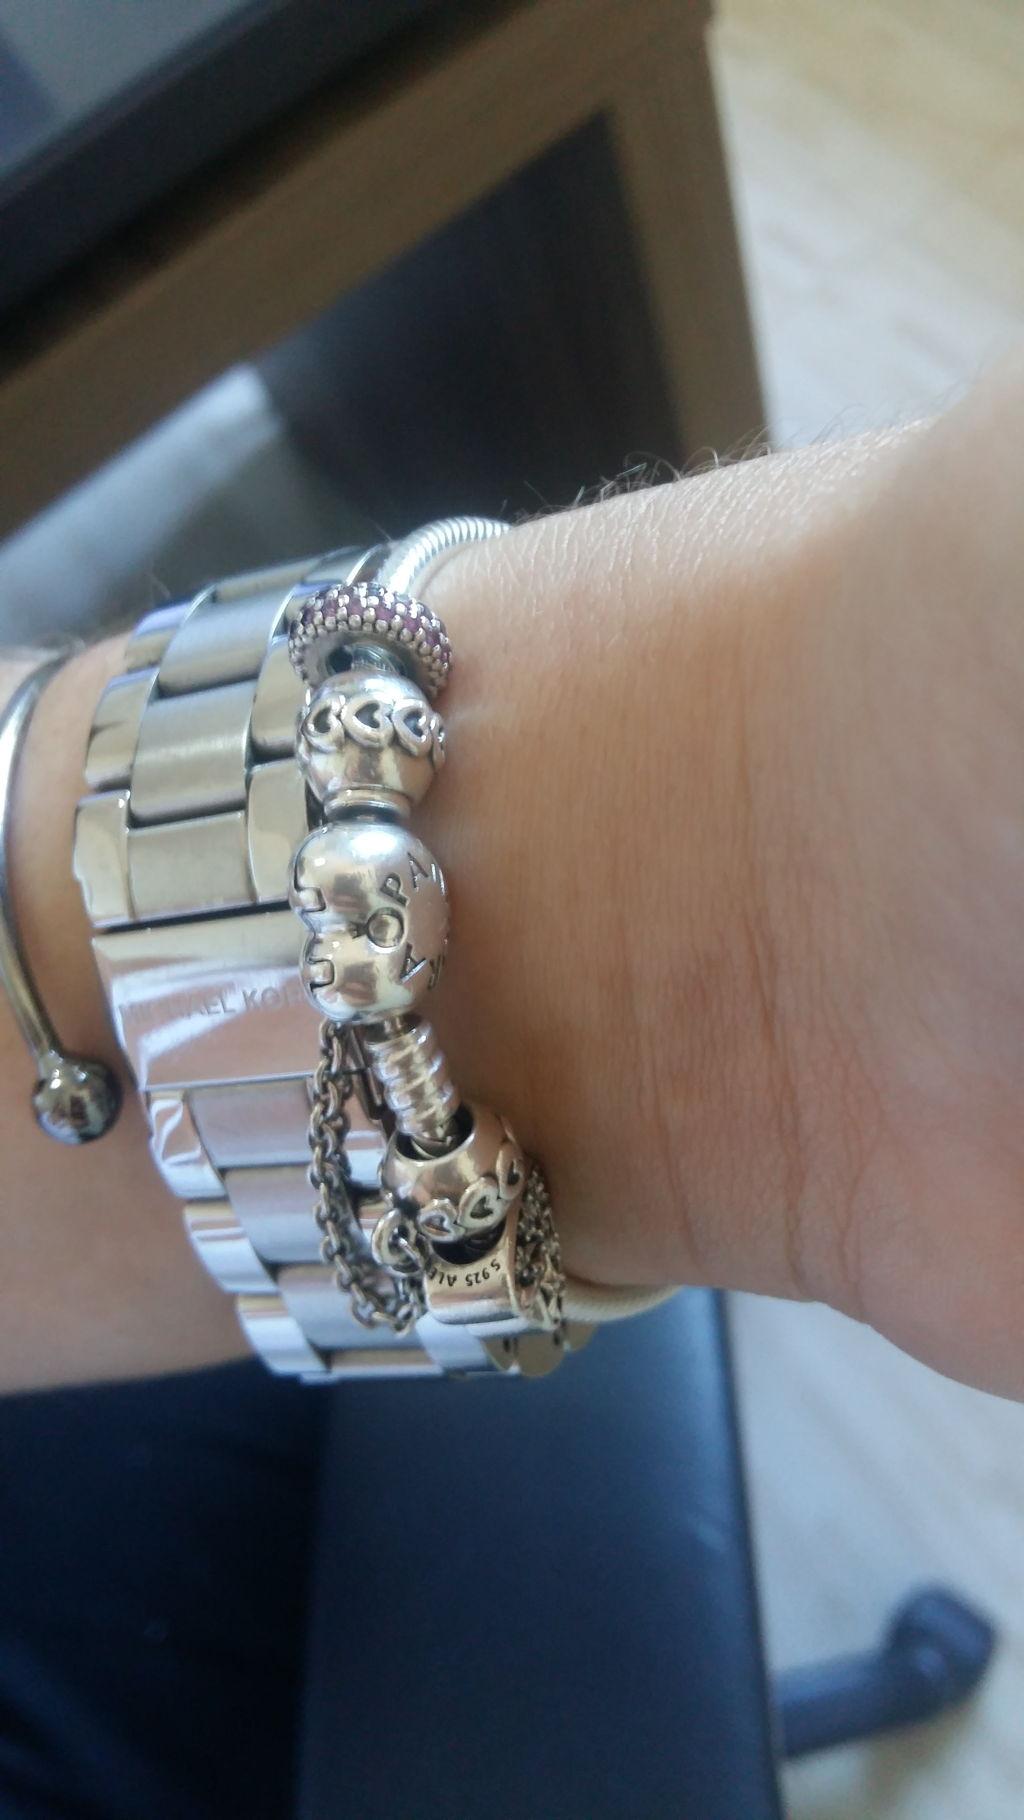 aad2fd5f3b5 Ligia. Compra Verificada. • • 2 anos atrás. A pulseira é muito linda! O  fecho de coração ...